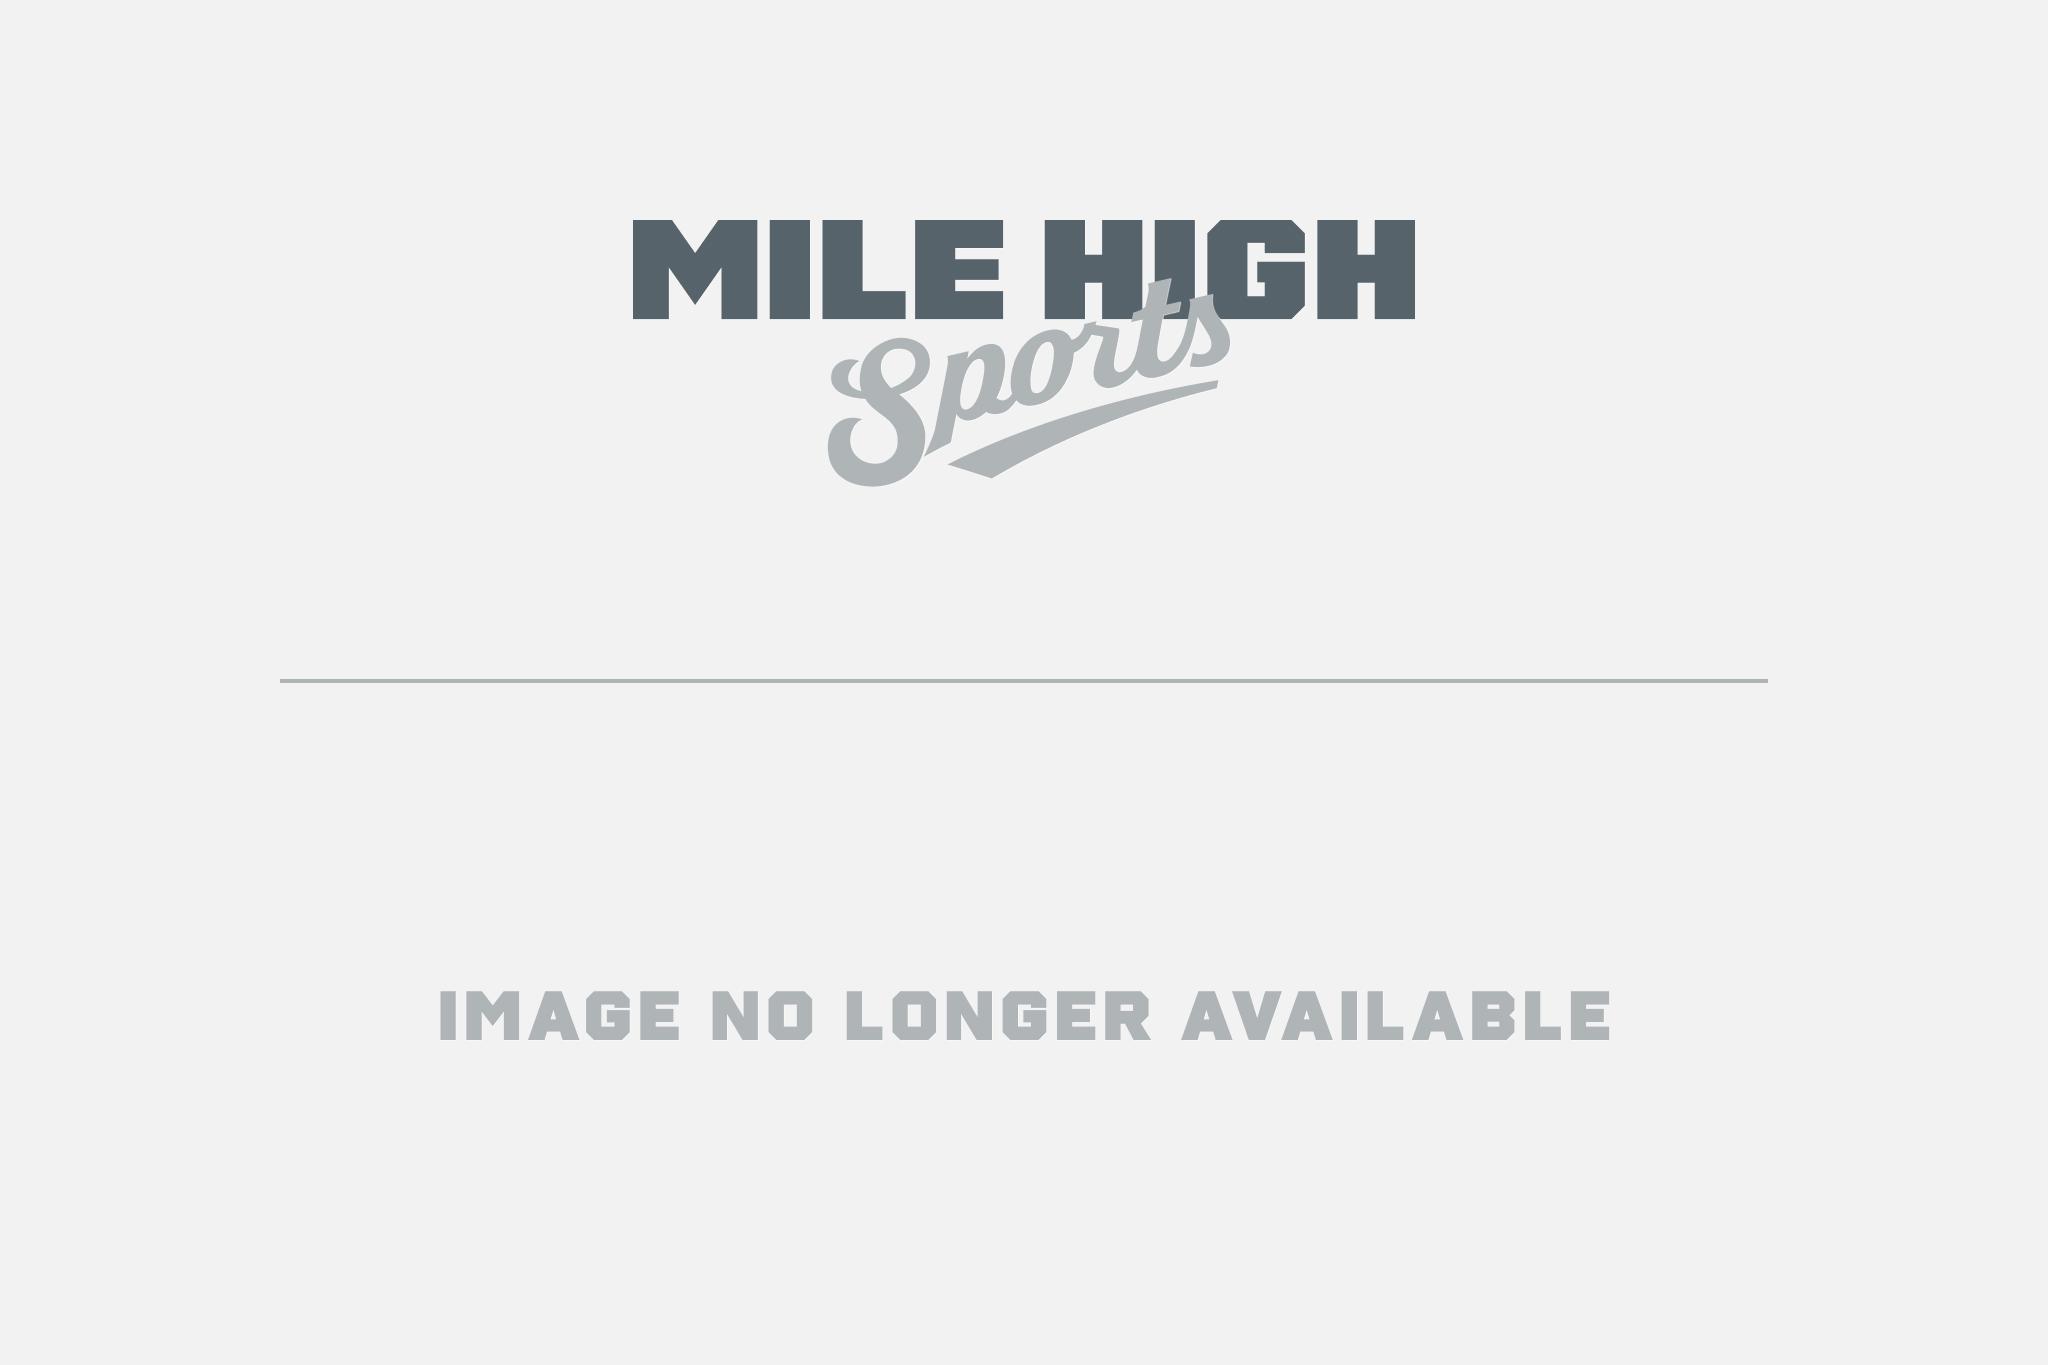 Denver Broncos history